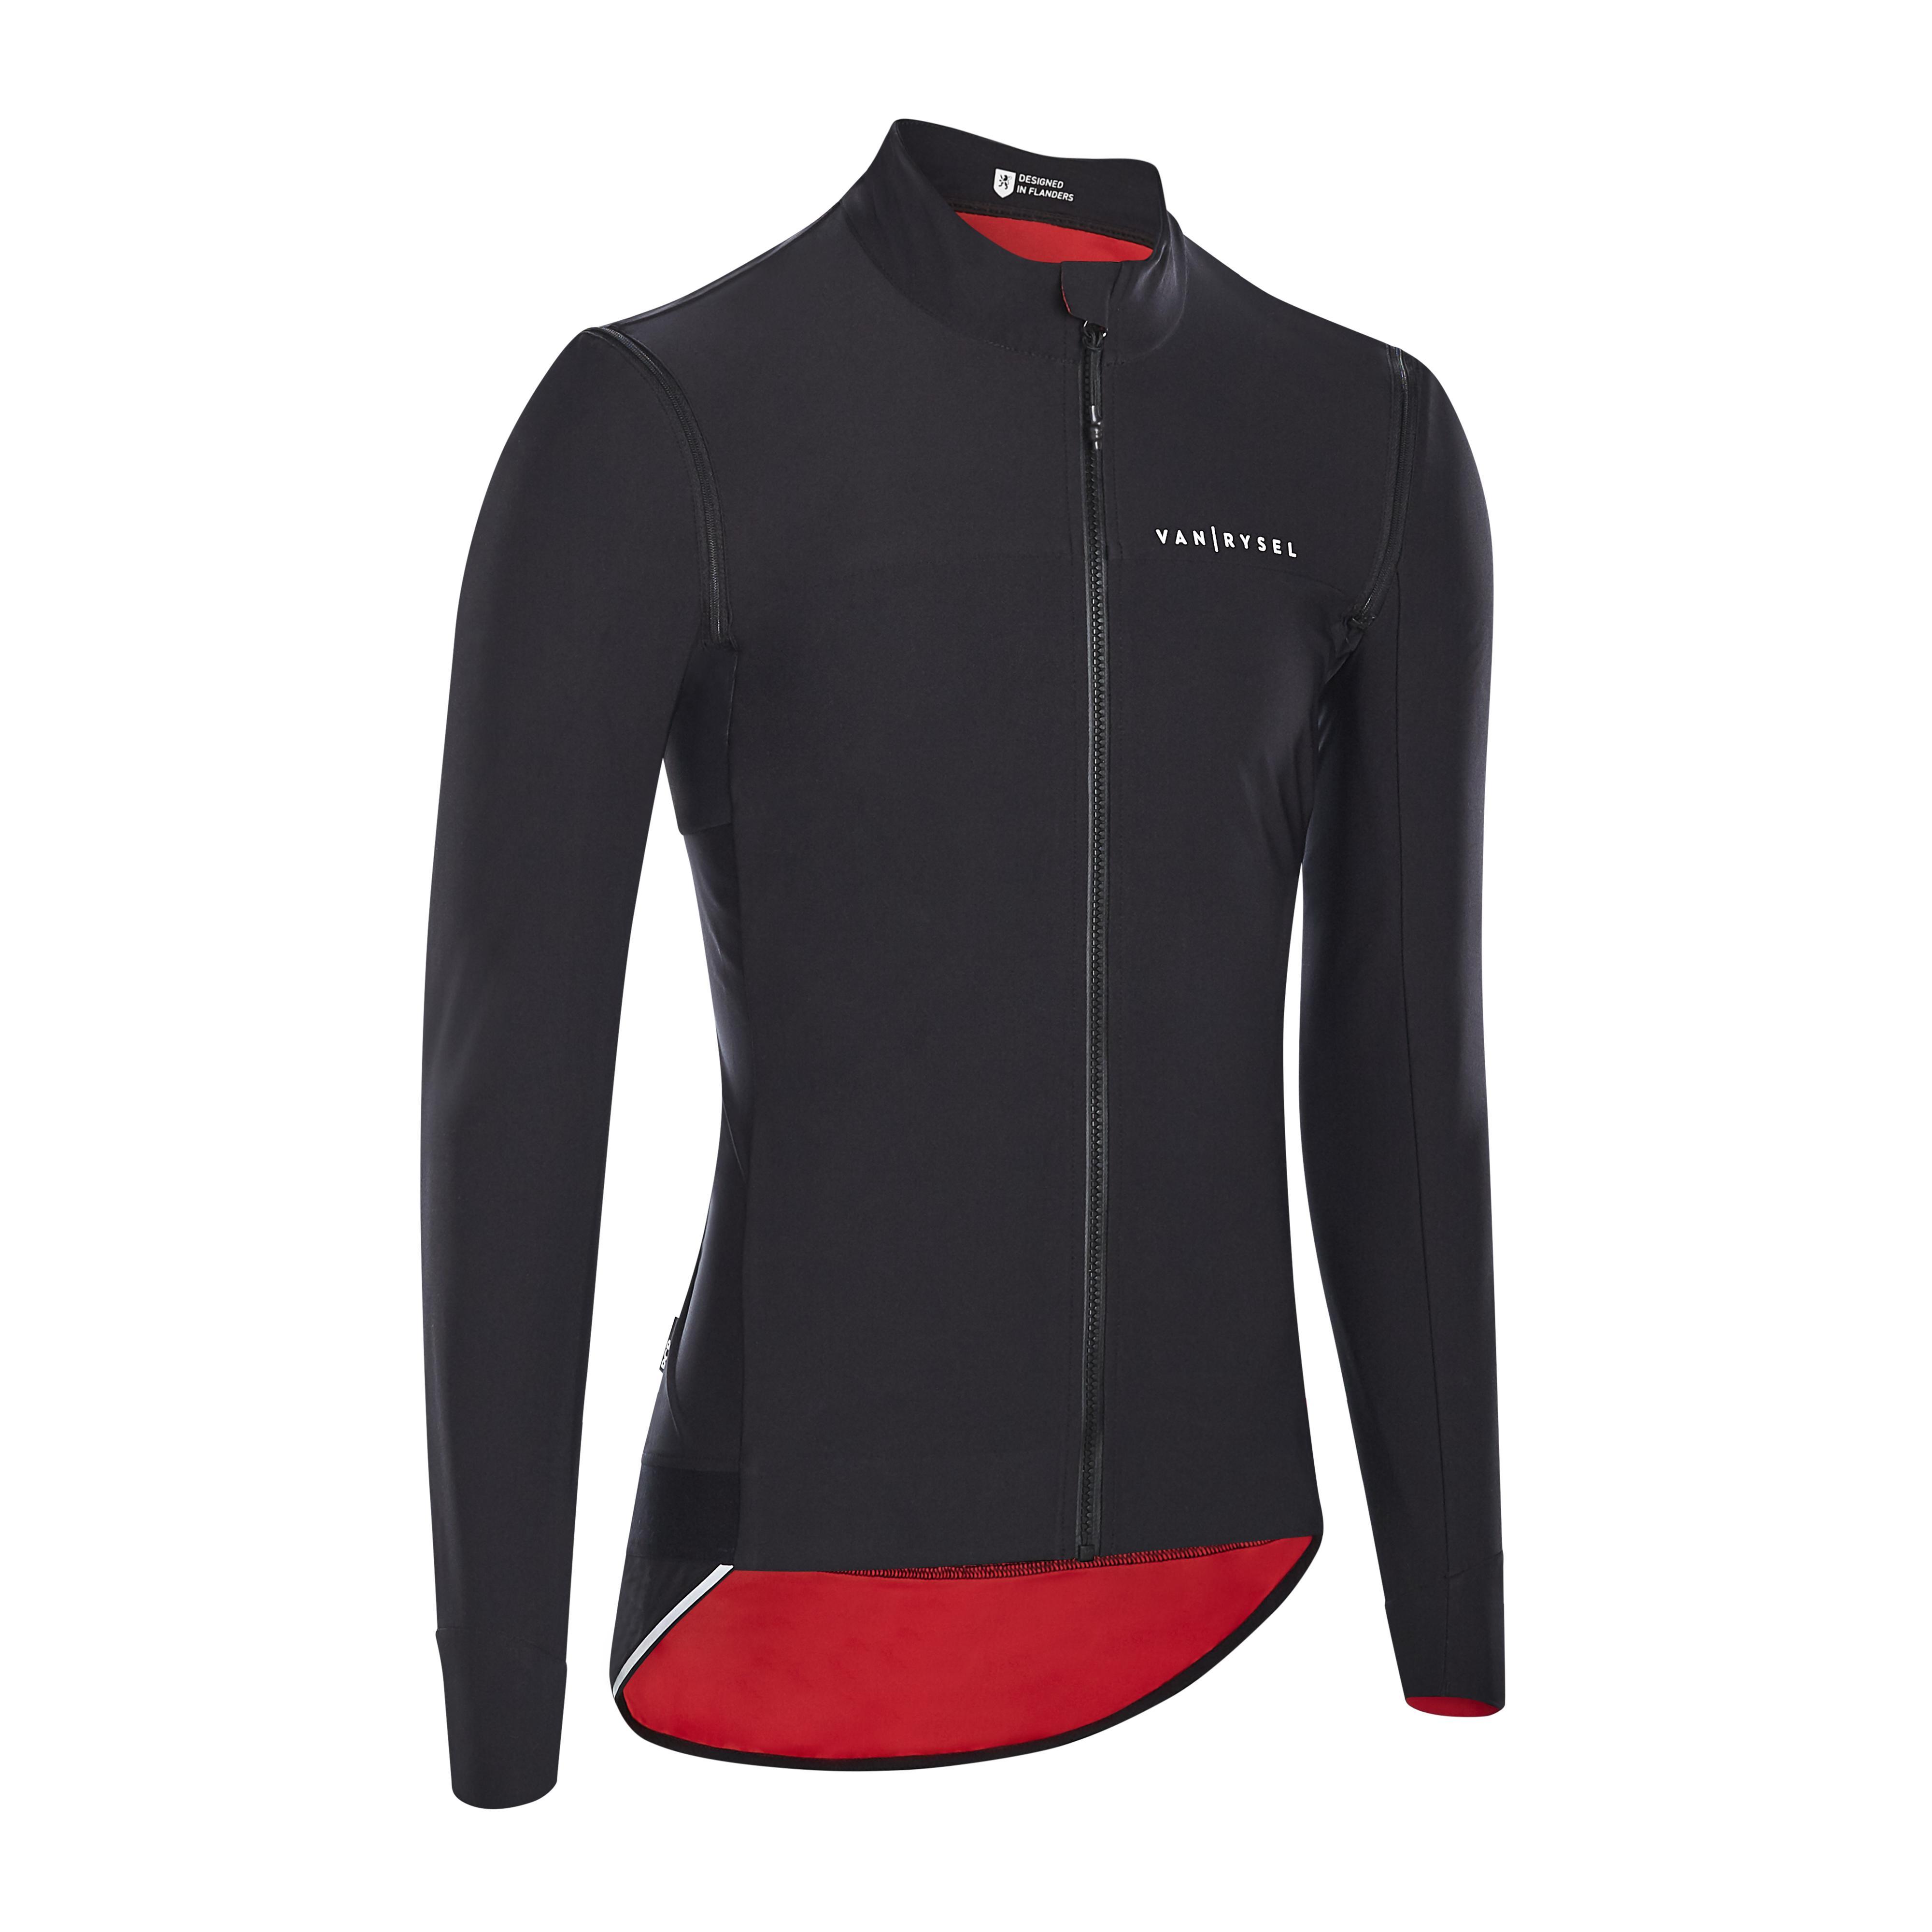 Jachetă modulabilă RACER imagine produs